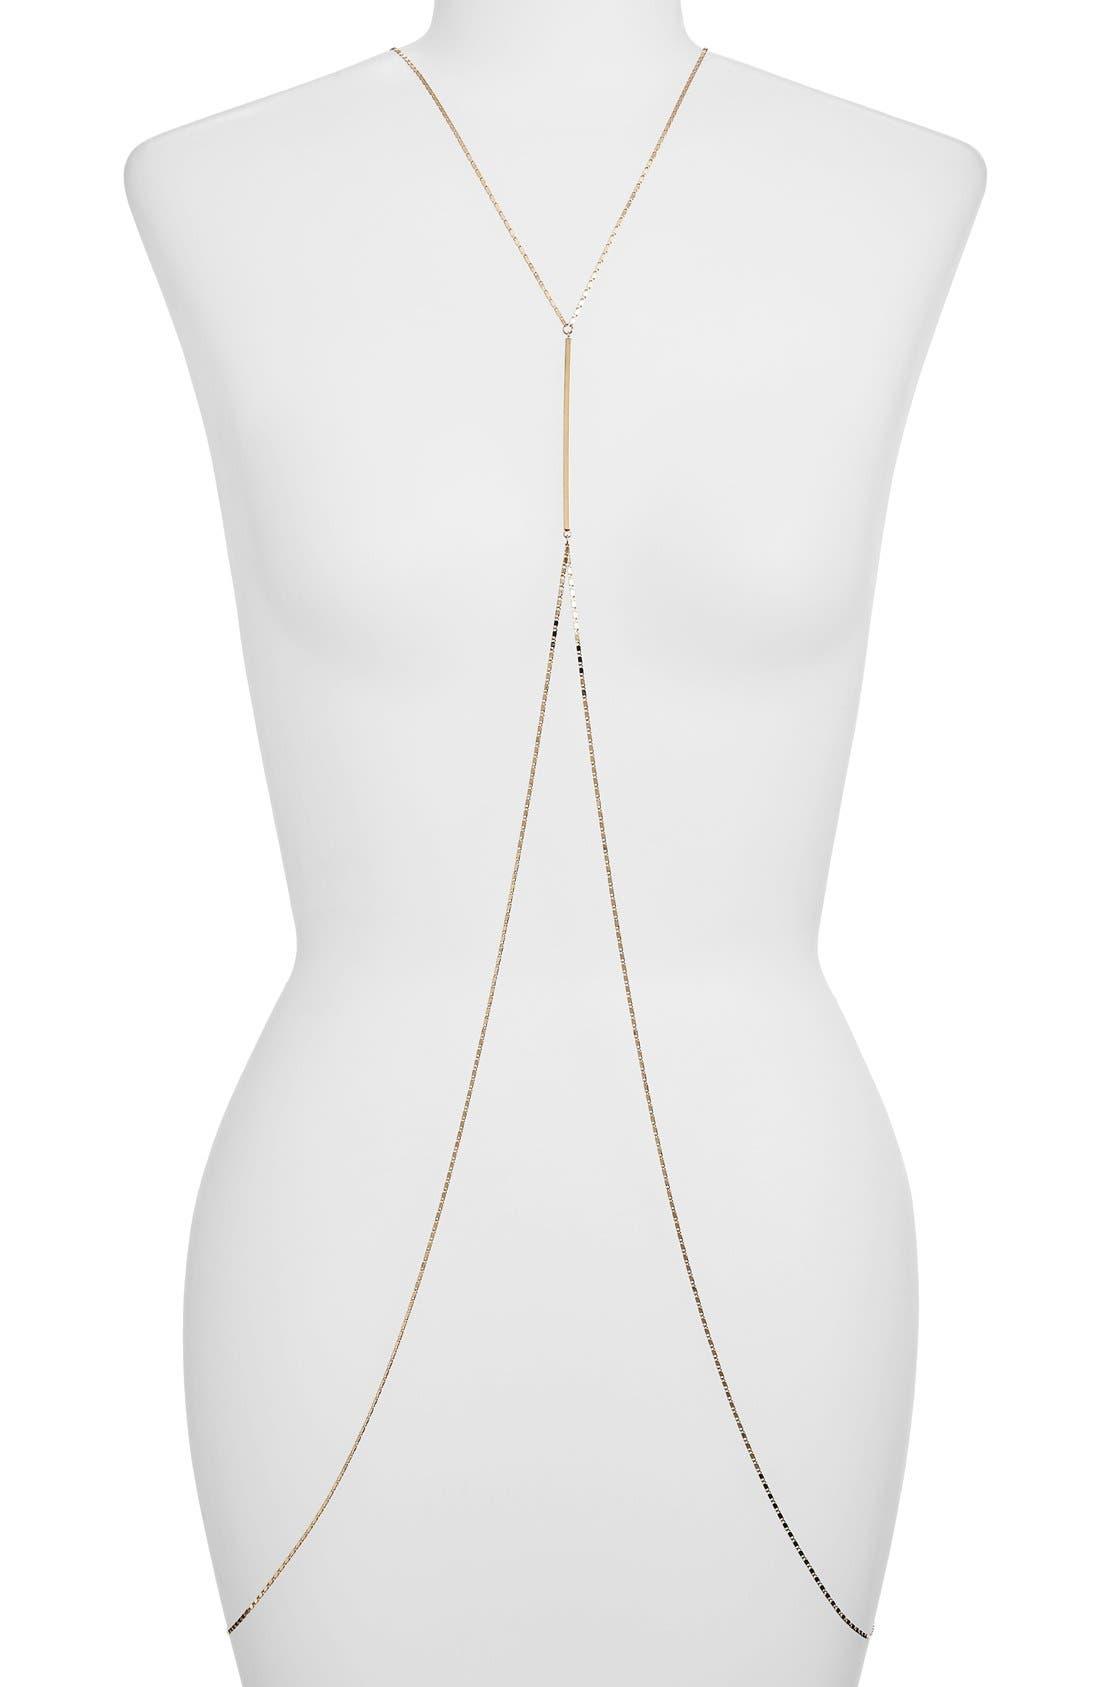 Main Image - Girly Body Chain